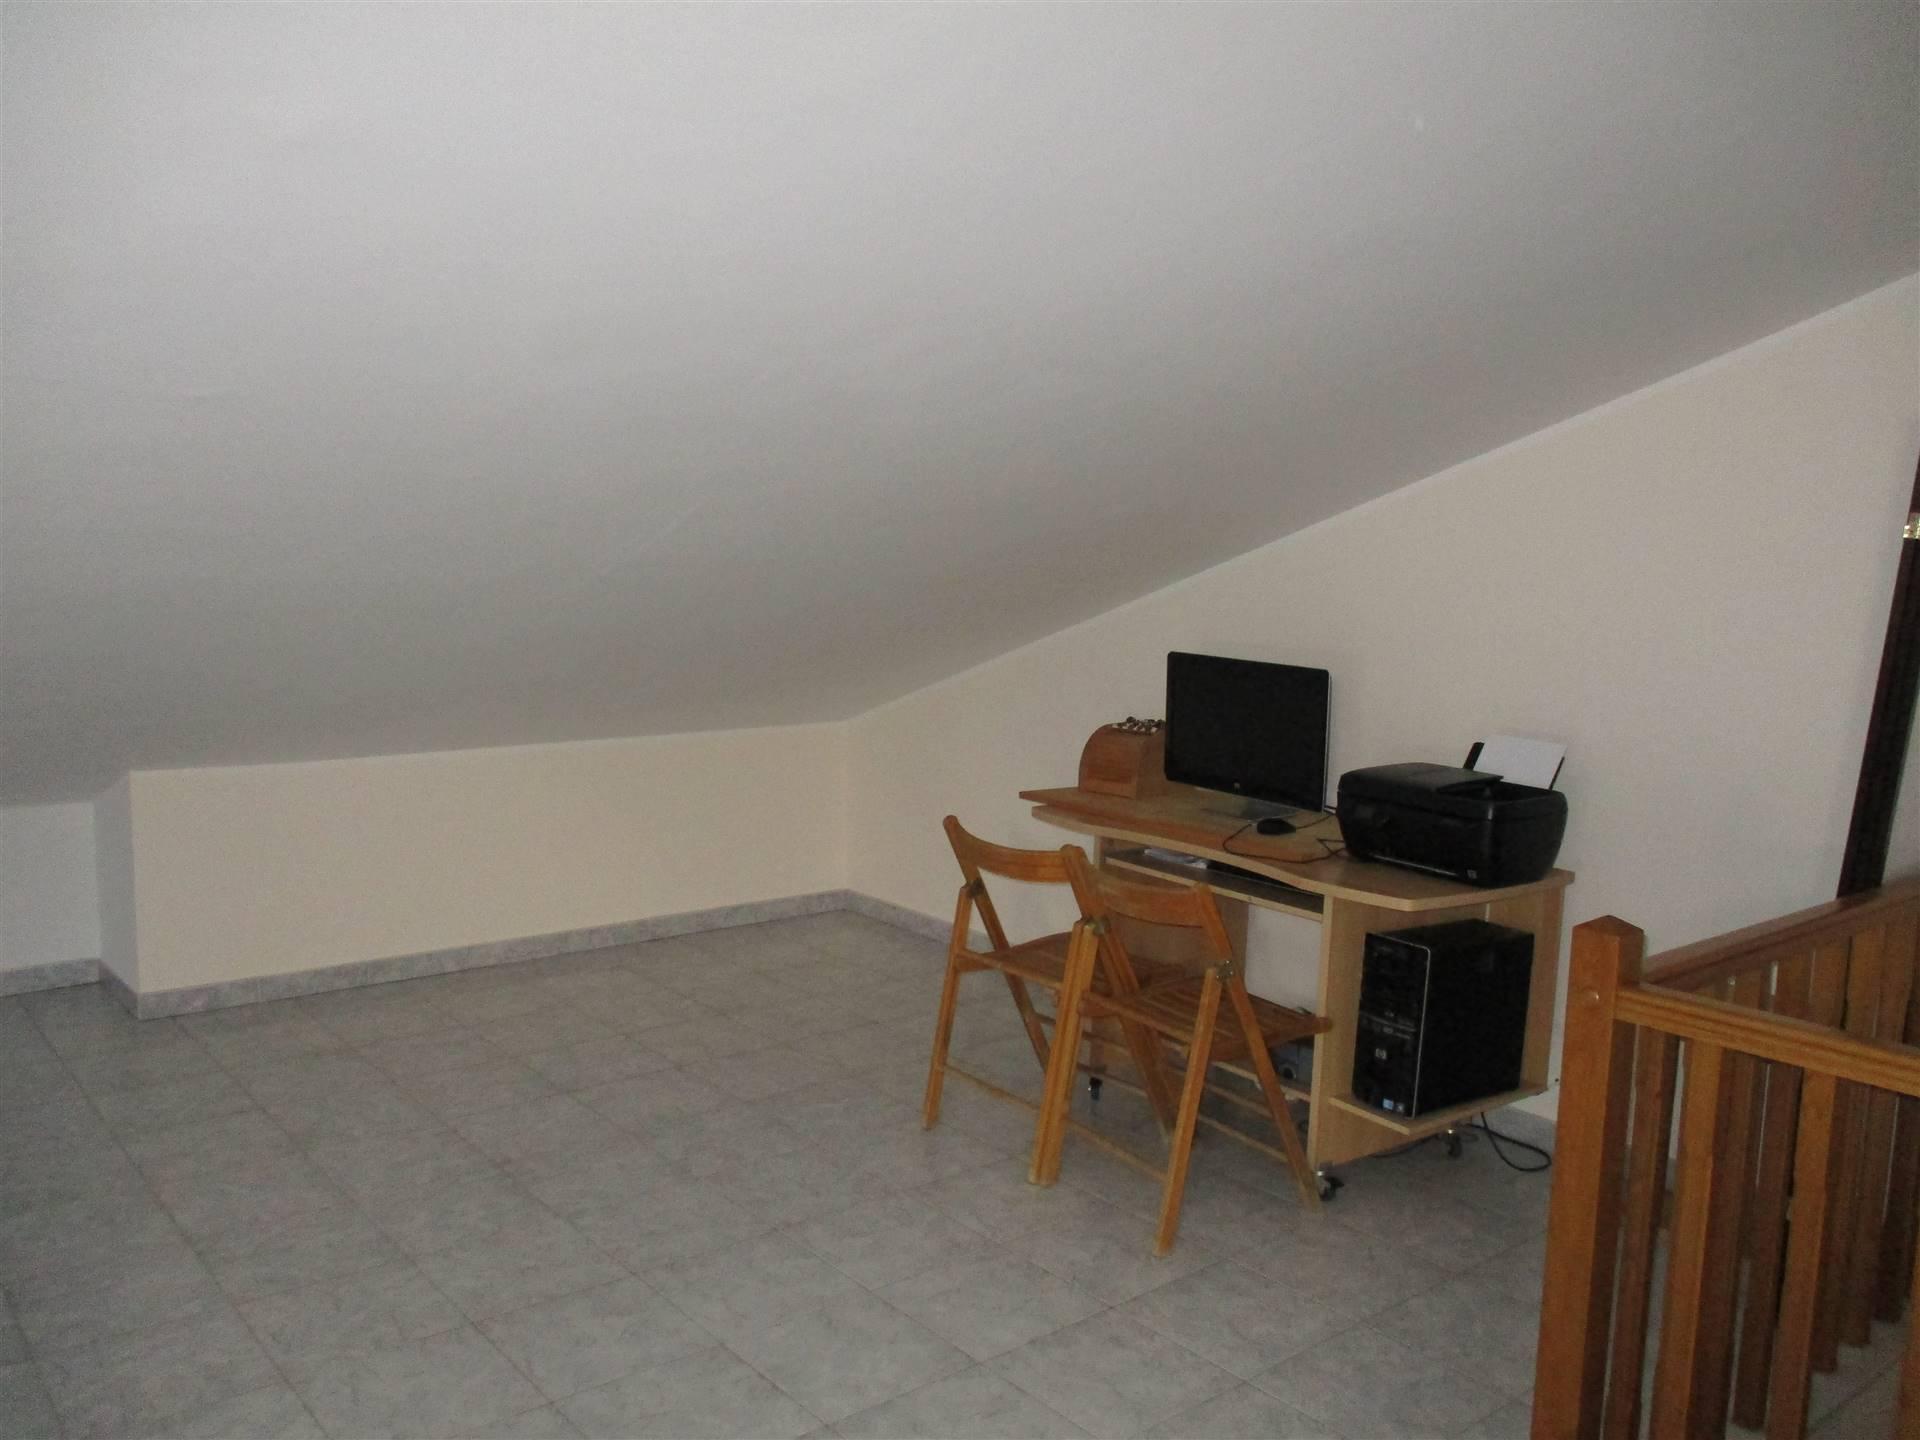 Appartamento in Vendita a Campi bisenzio zona San martino - immagine 14